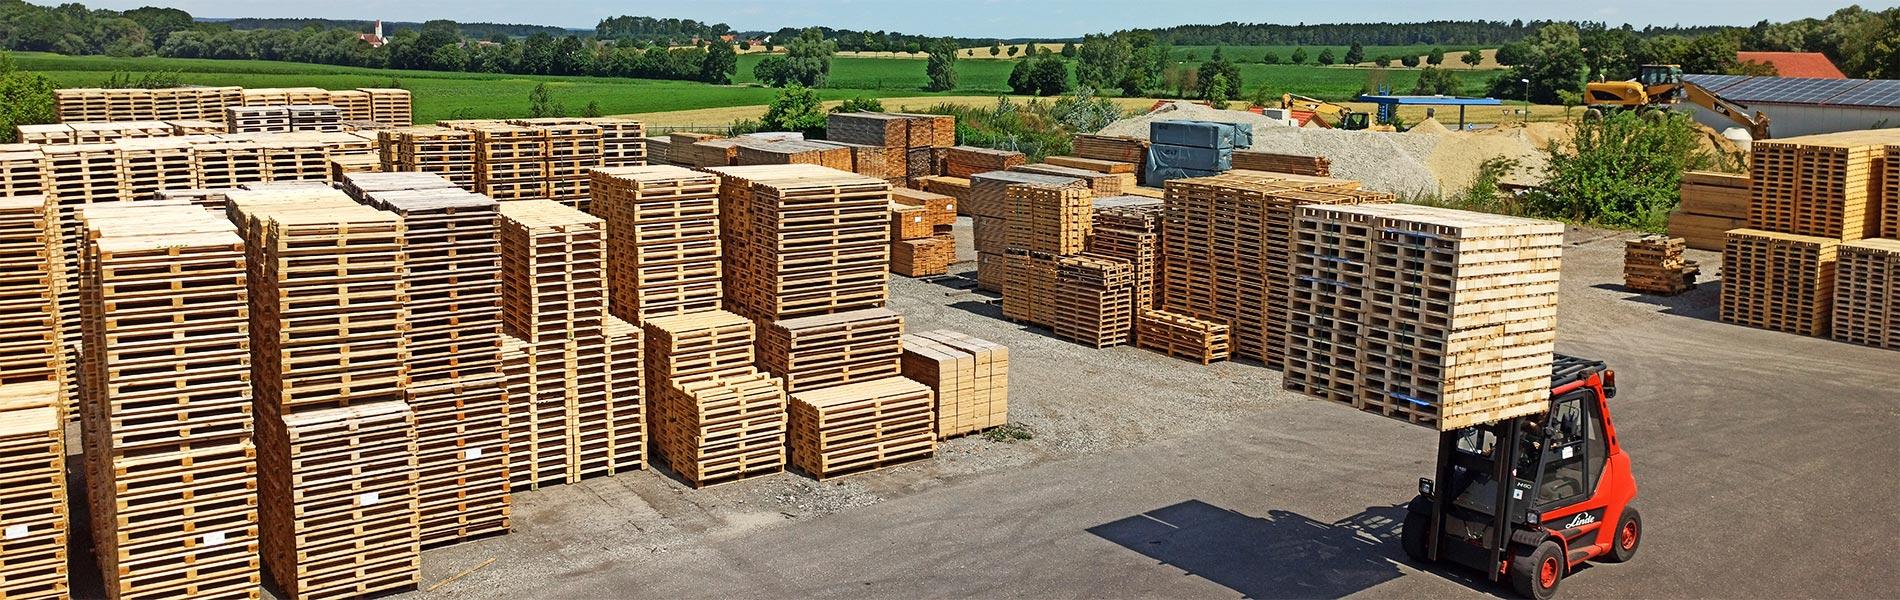 Laerplatz der Kurz Paletten GmbH